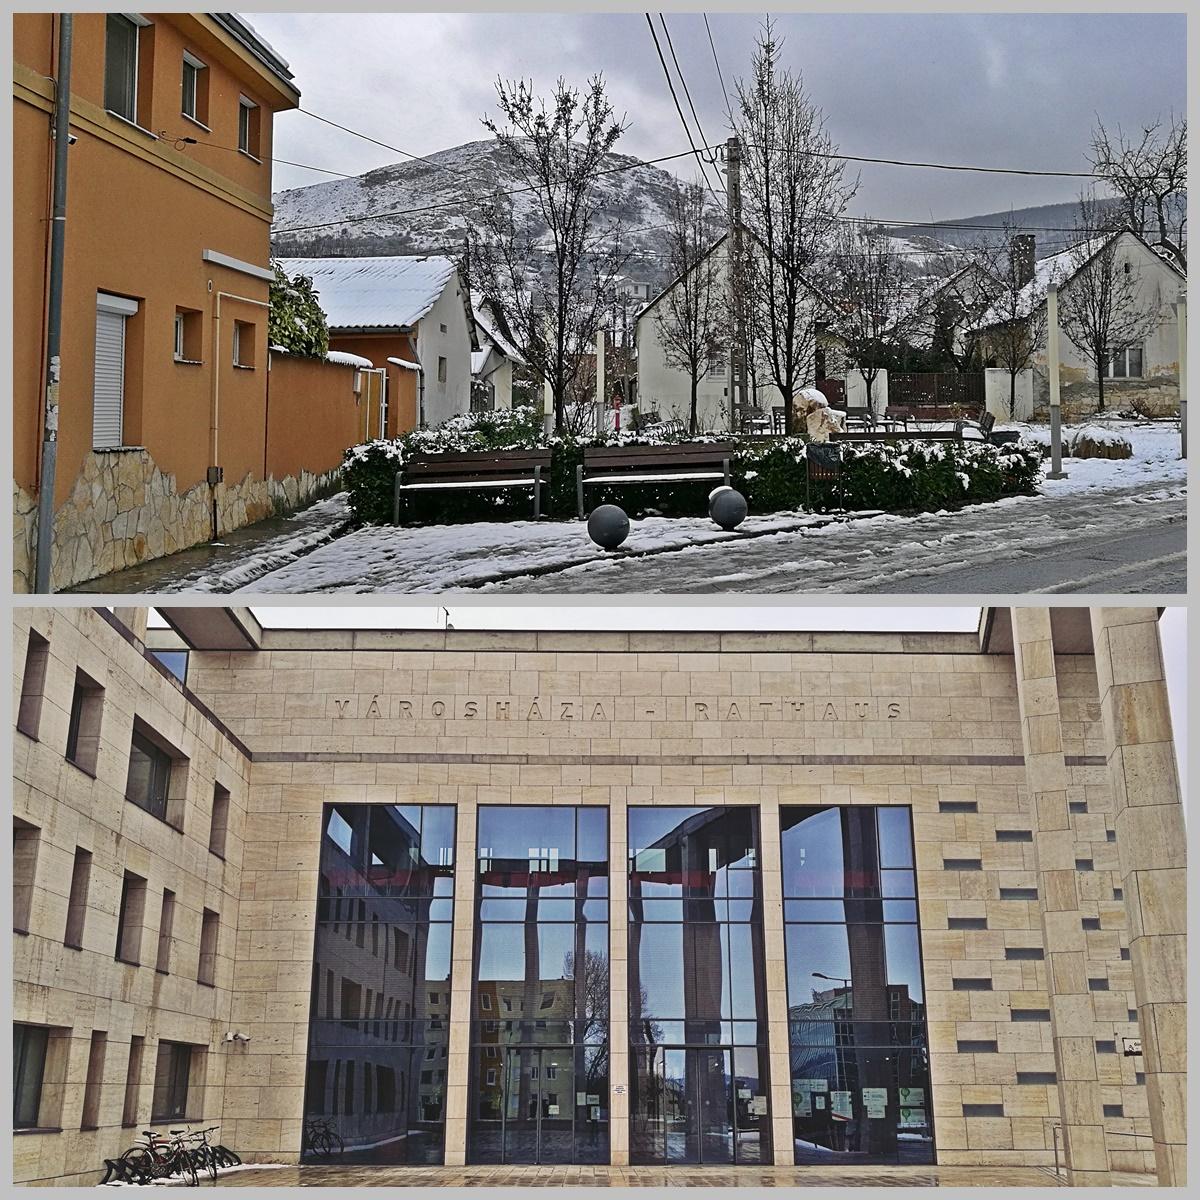 Budaörs kocsmái - budaörs kontrasztos látképe - Kocsmaturista